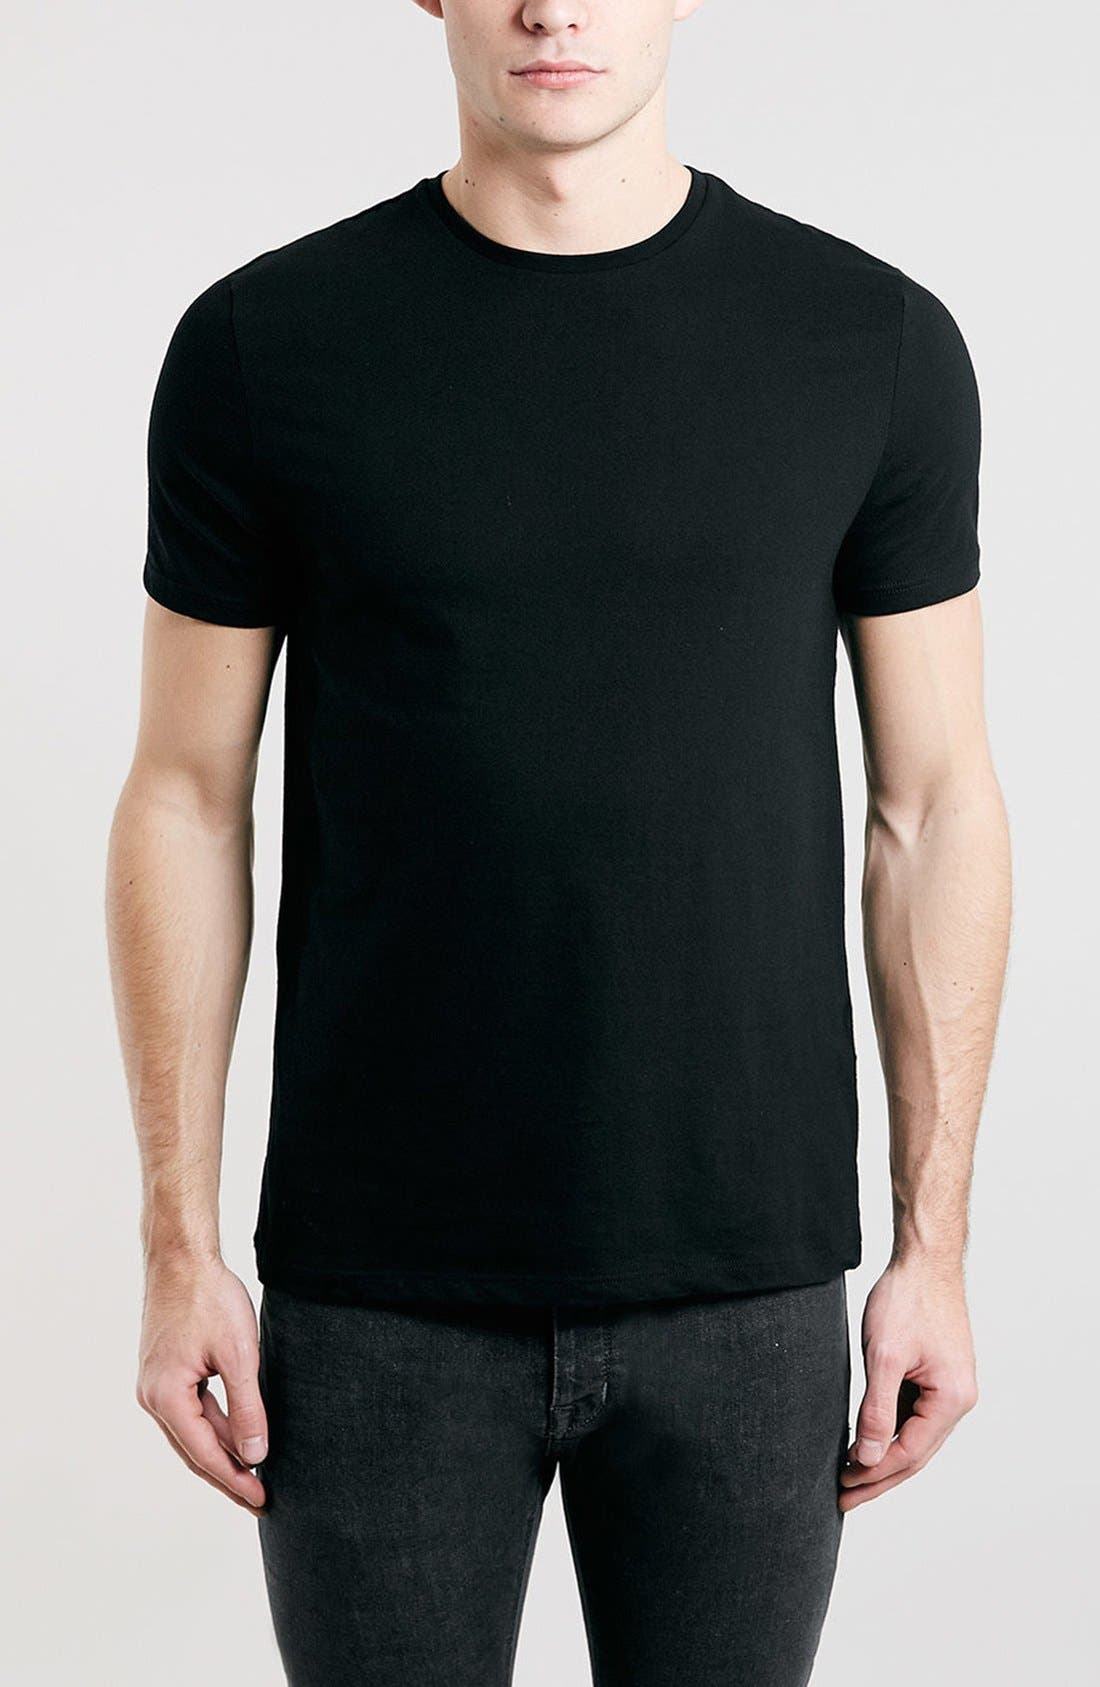 Alternate Image 1 Selected - Topman Slim Fit Crewneck T-Shirt